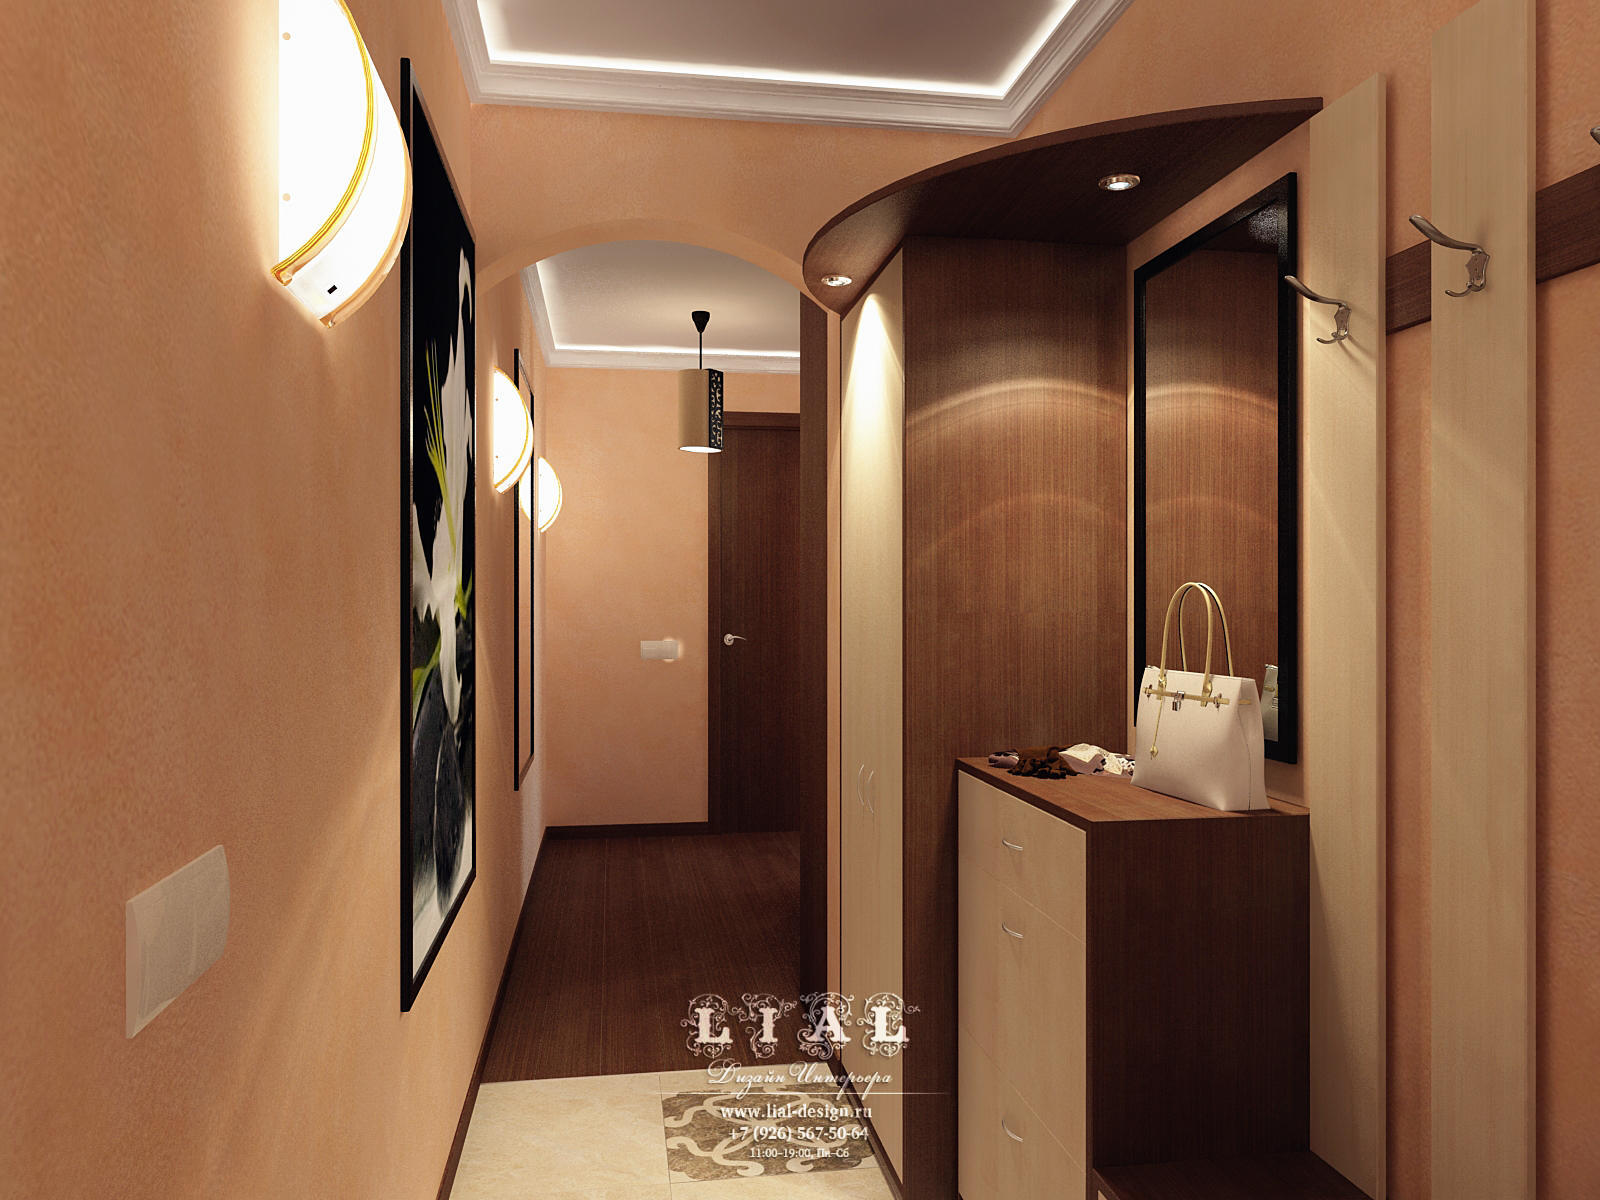 Дизайн прихожей в трехкомнатной квартире: фото 2016